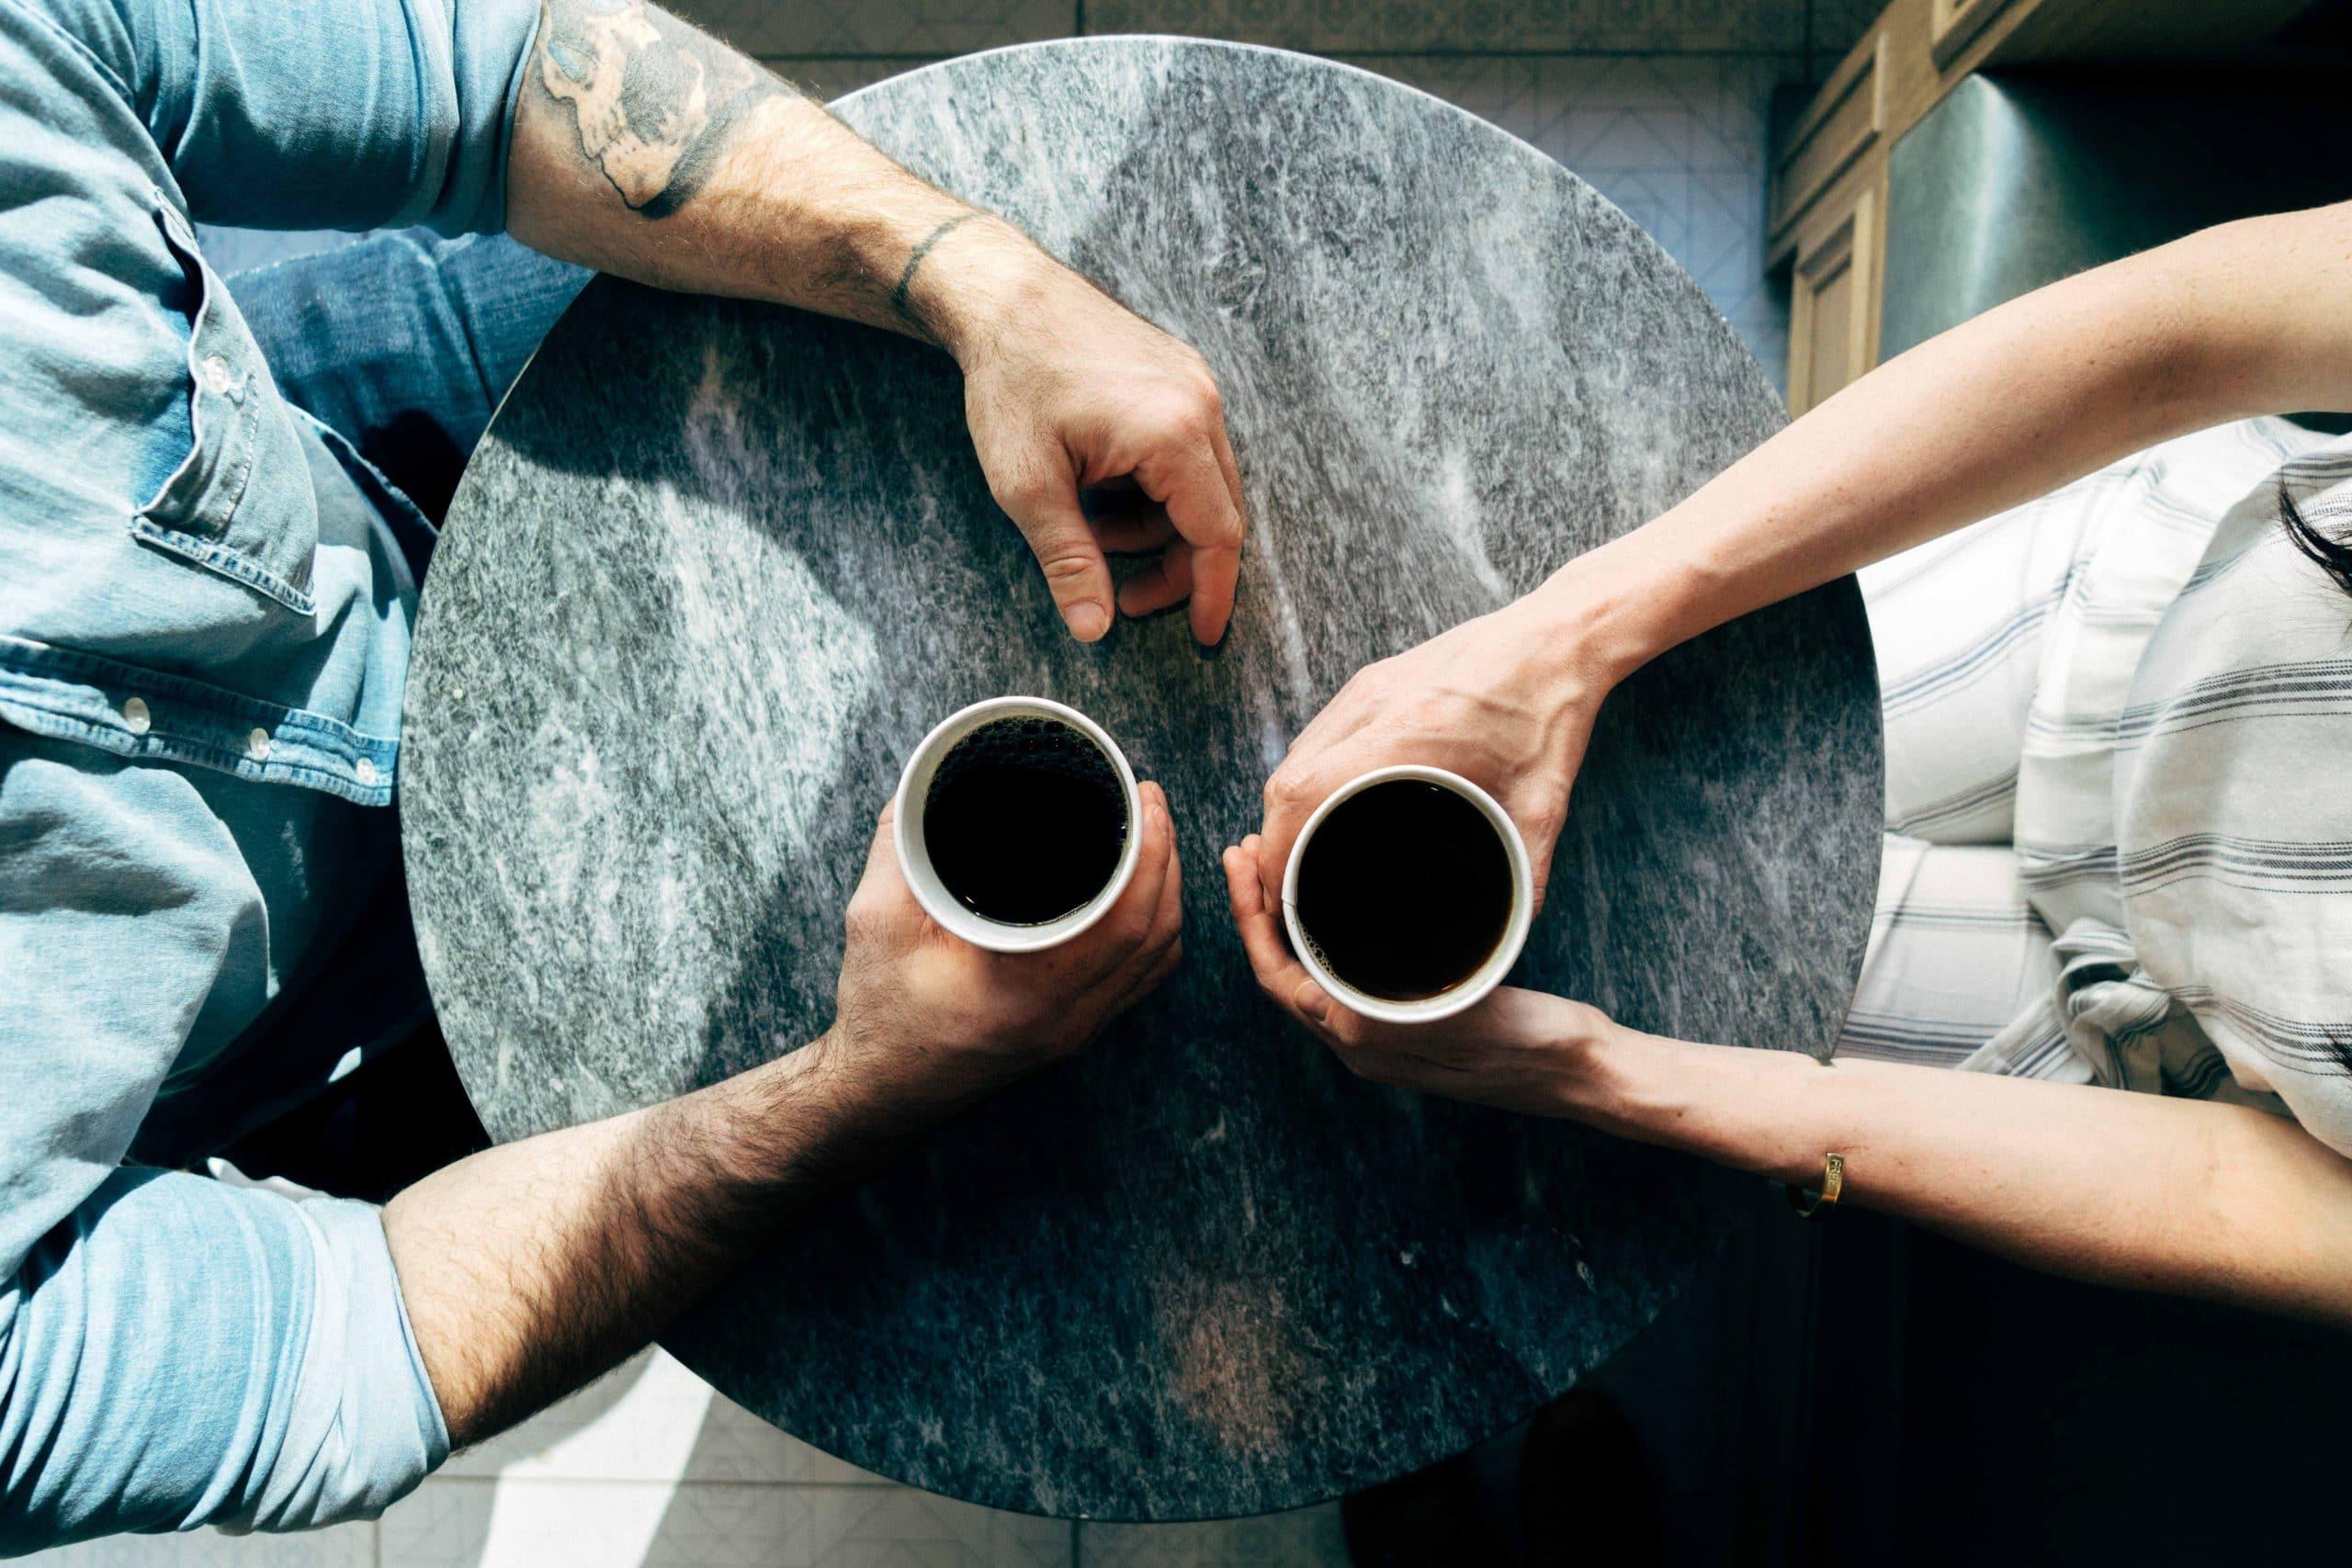 Deux personnes qui boivent un café, vues de haut